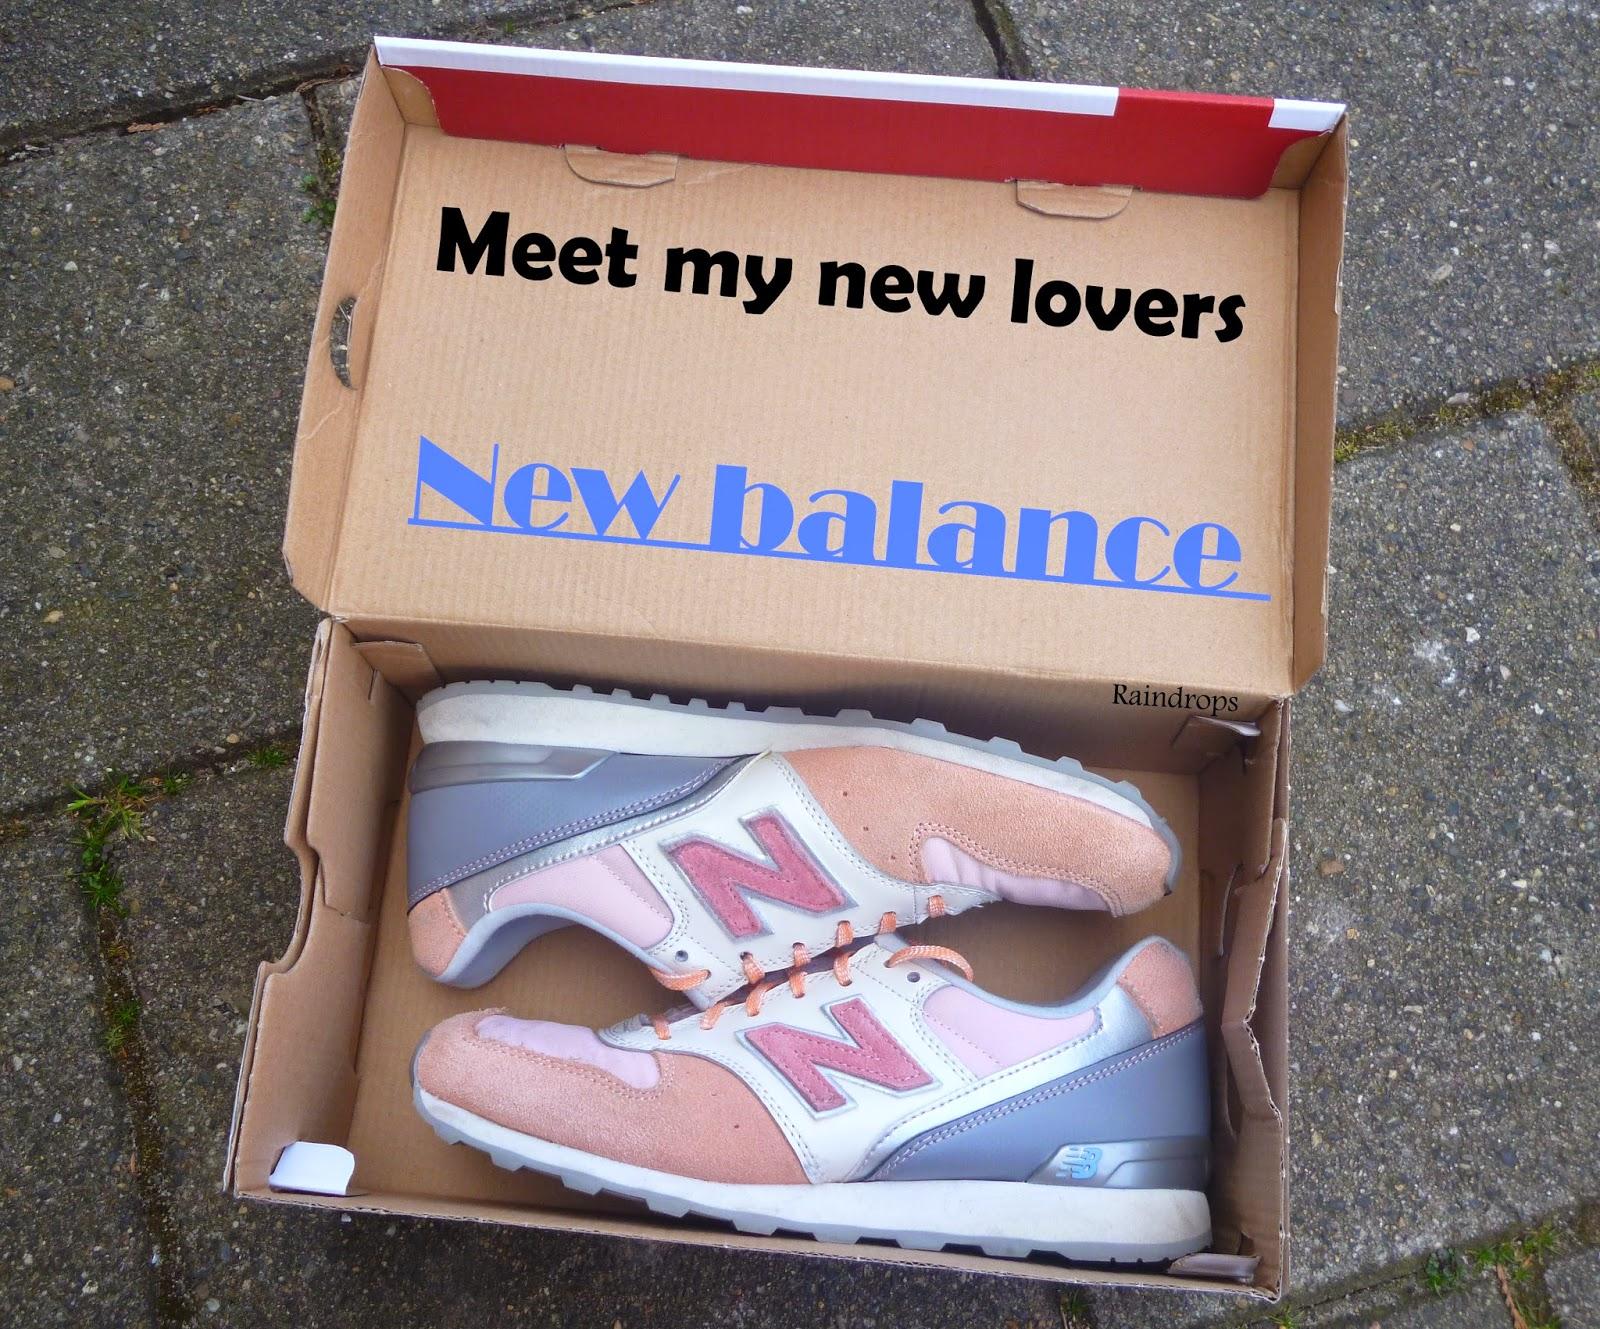 meet new lovers